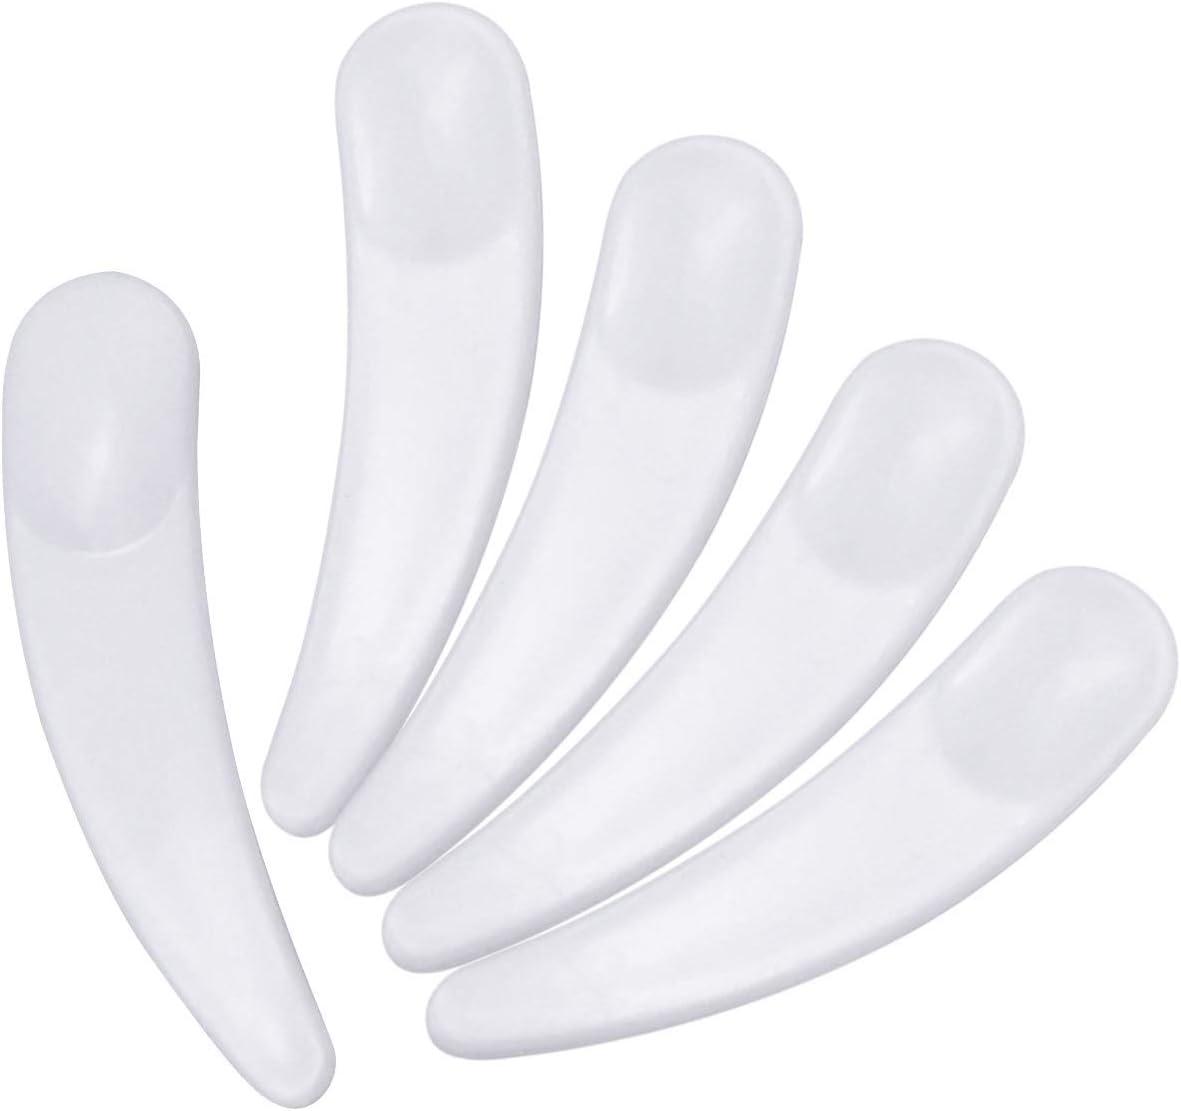 HQdeal 100 PCS Mini Spatules Cosm/étiques en Plastique Jetable Courb/é Maquillage Masque Spatule Cuill/ère 58 mm x 13 mm